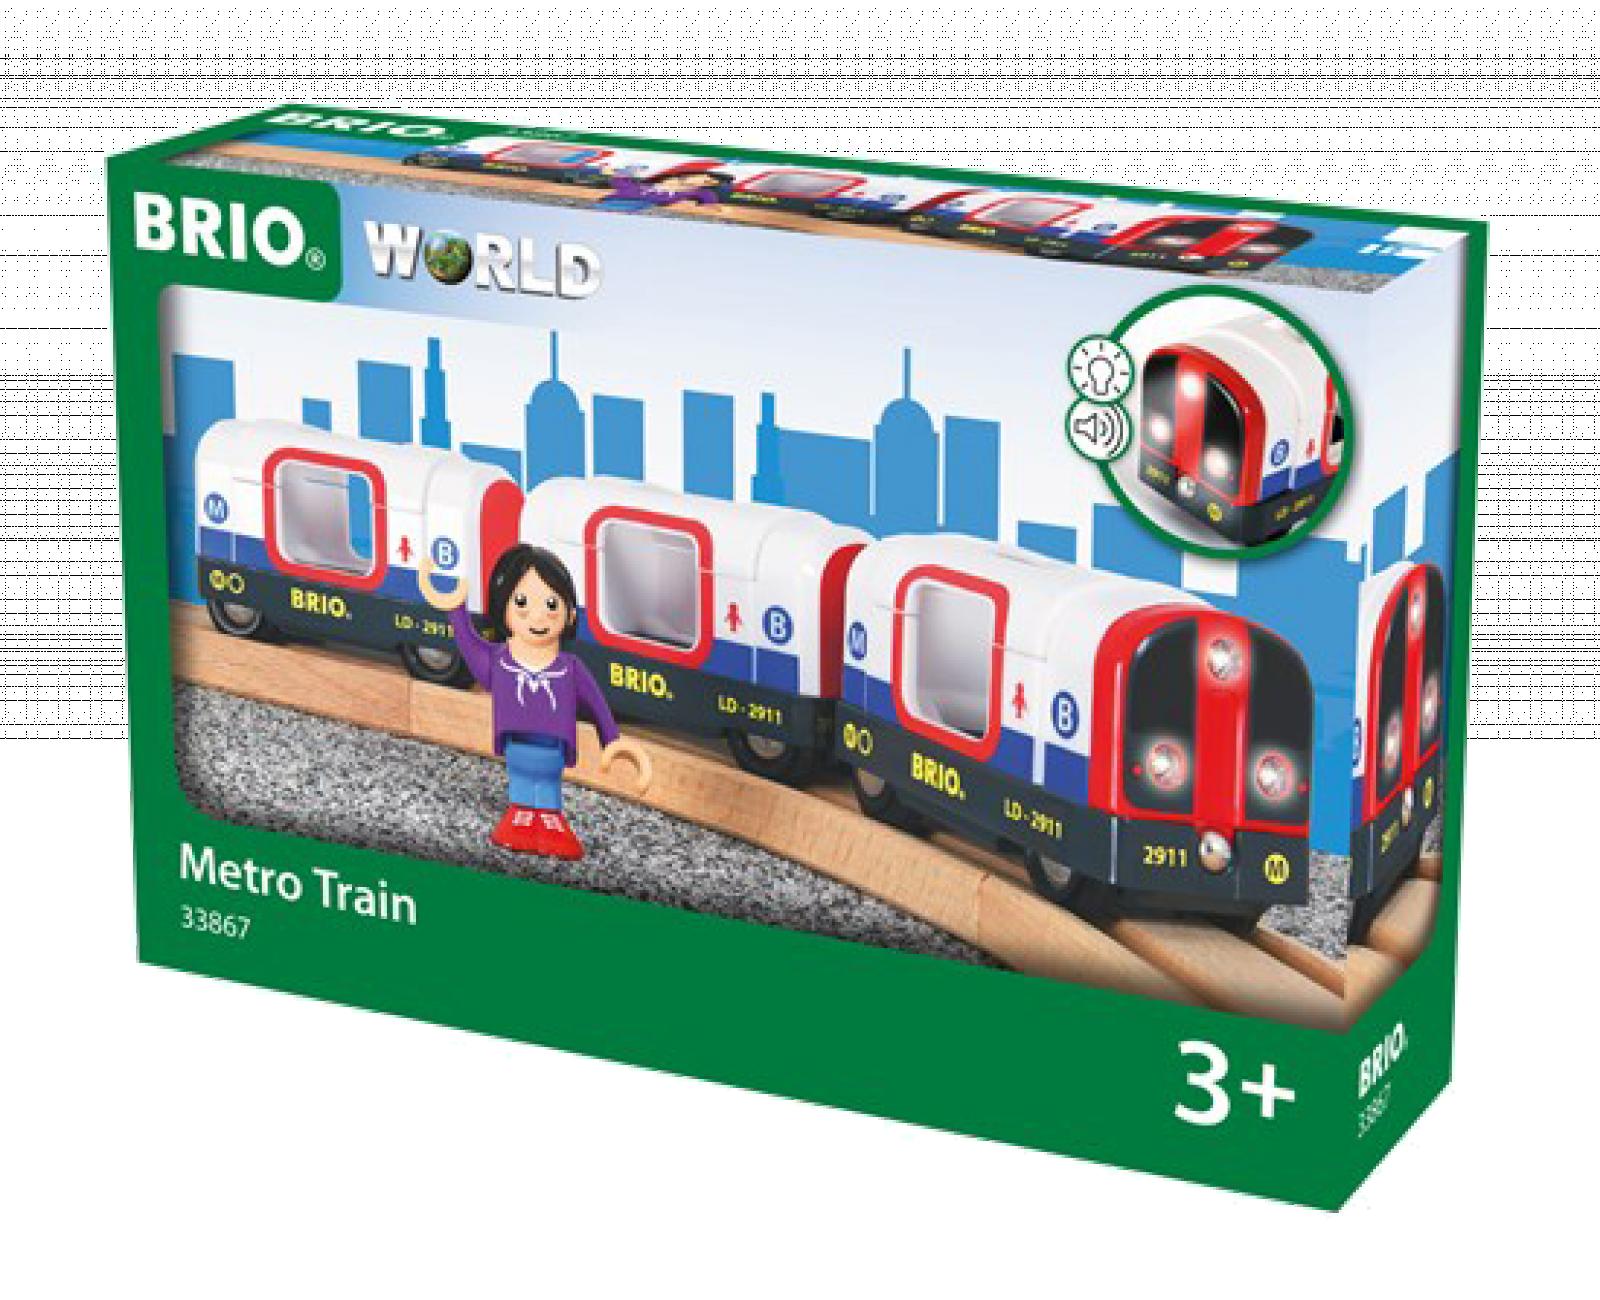 Metro Train BRIO Wooden Railway Age 3+ thumbnails